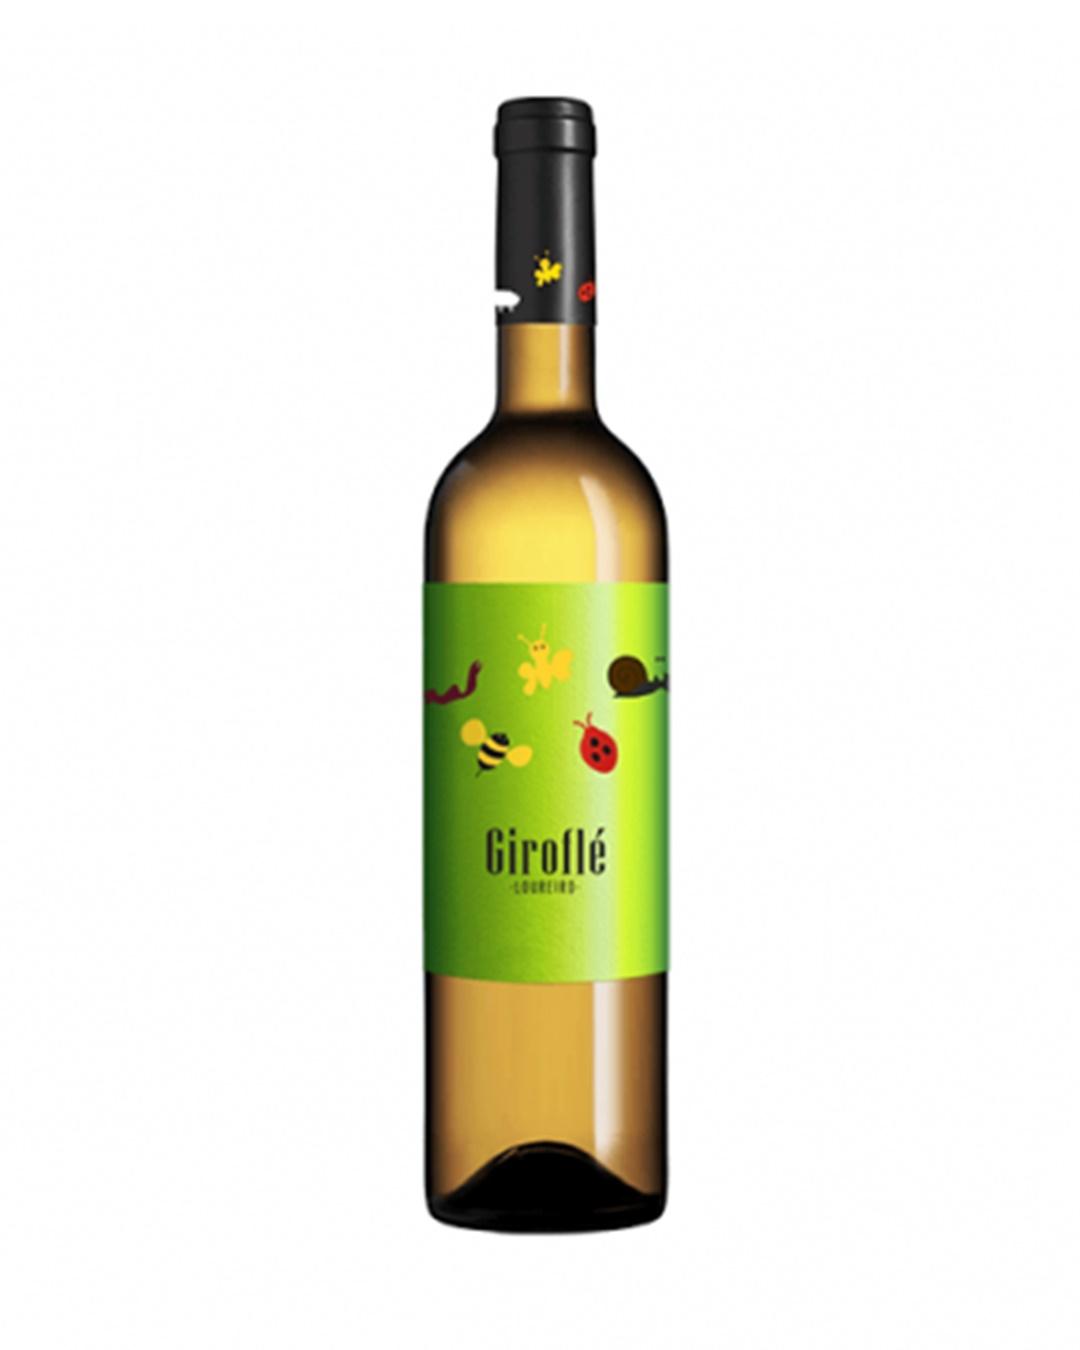 Giroflé Vinho Verde Loureiro